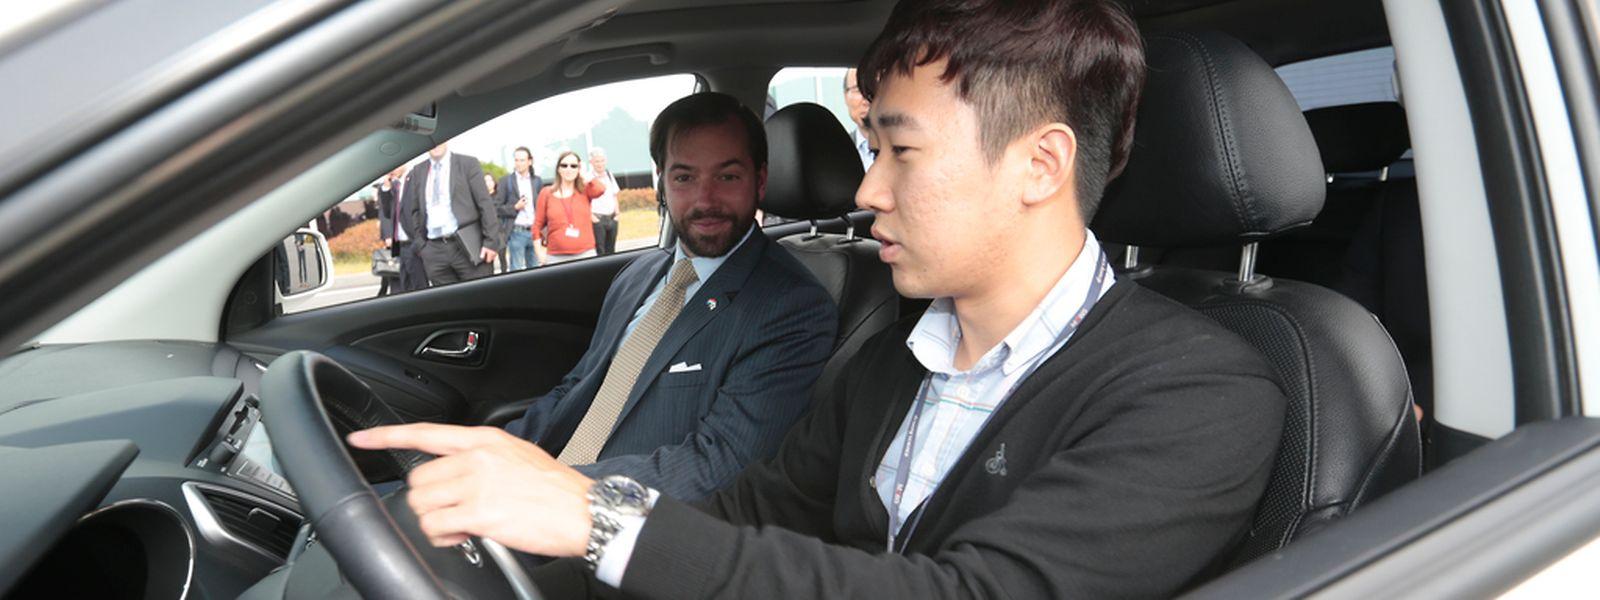 Comment garer sa voiture sans avoir les mains sur le volant. Une innovation à laquelle le Grand-Duc héritier s'est prêté après un petit briefing.  PHOTO: GUY WOLFF